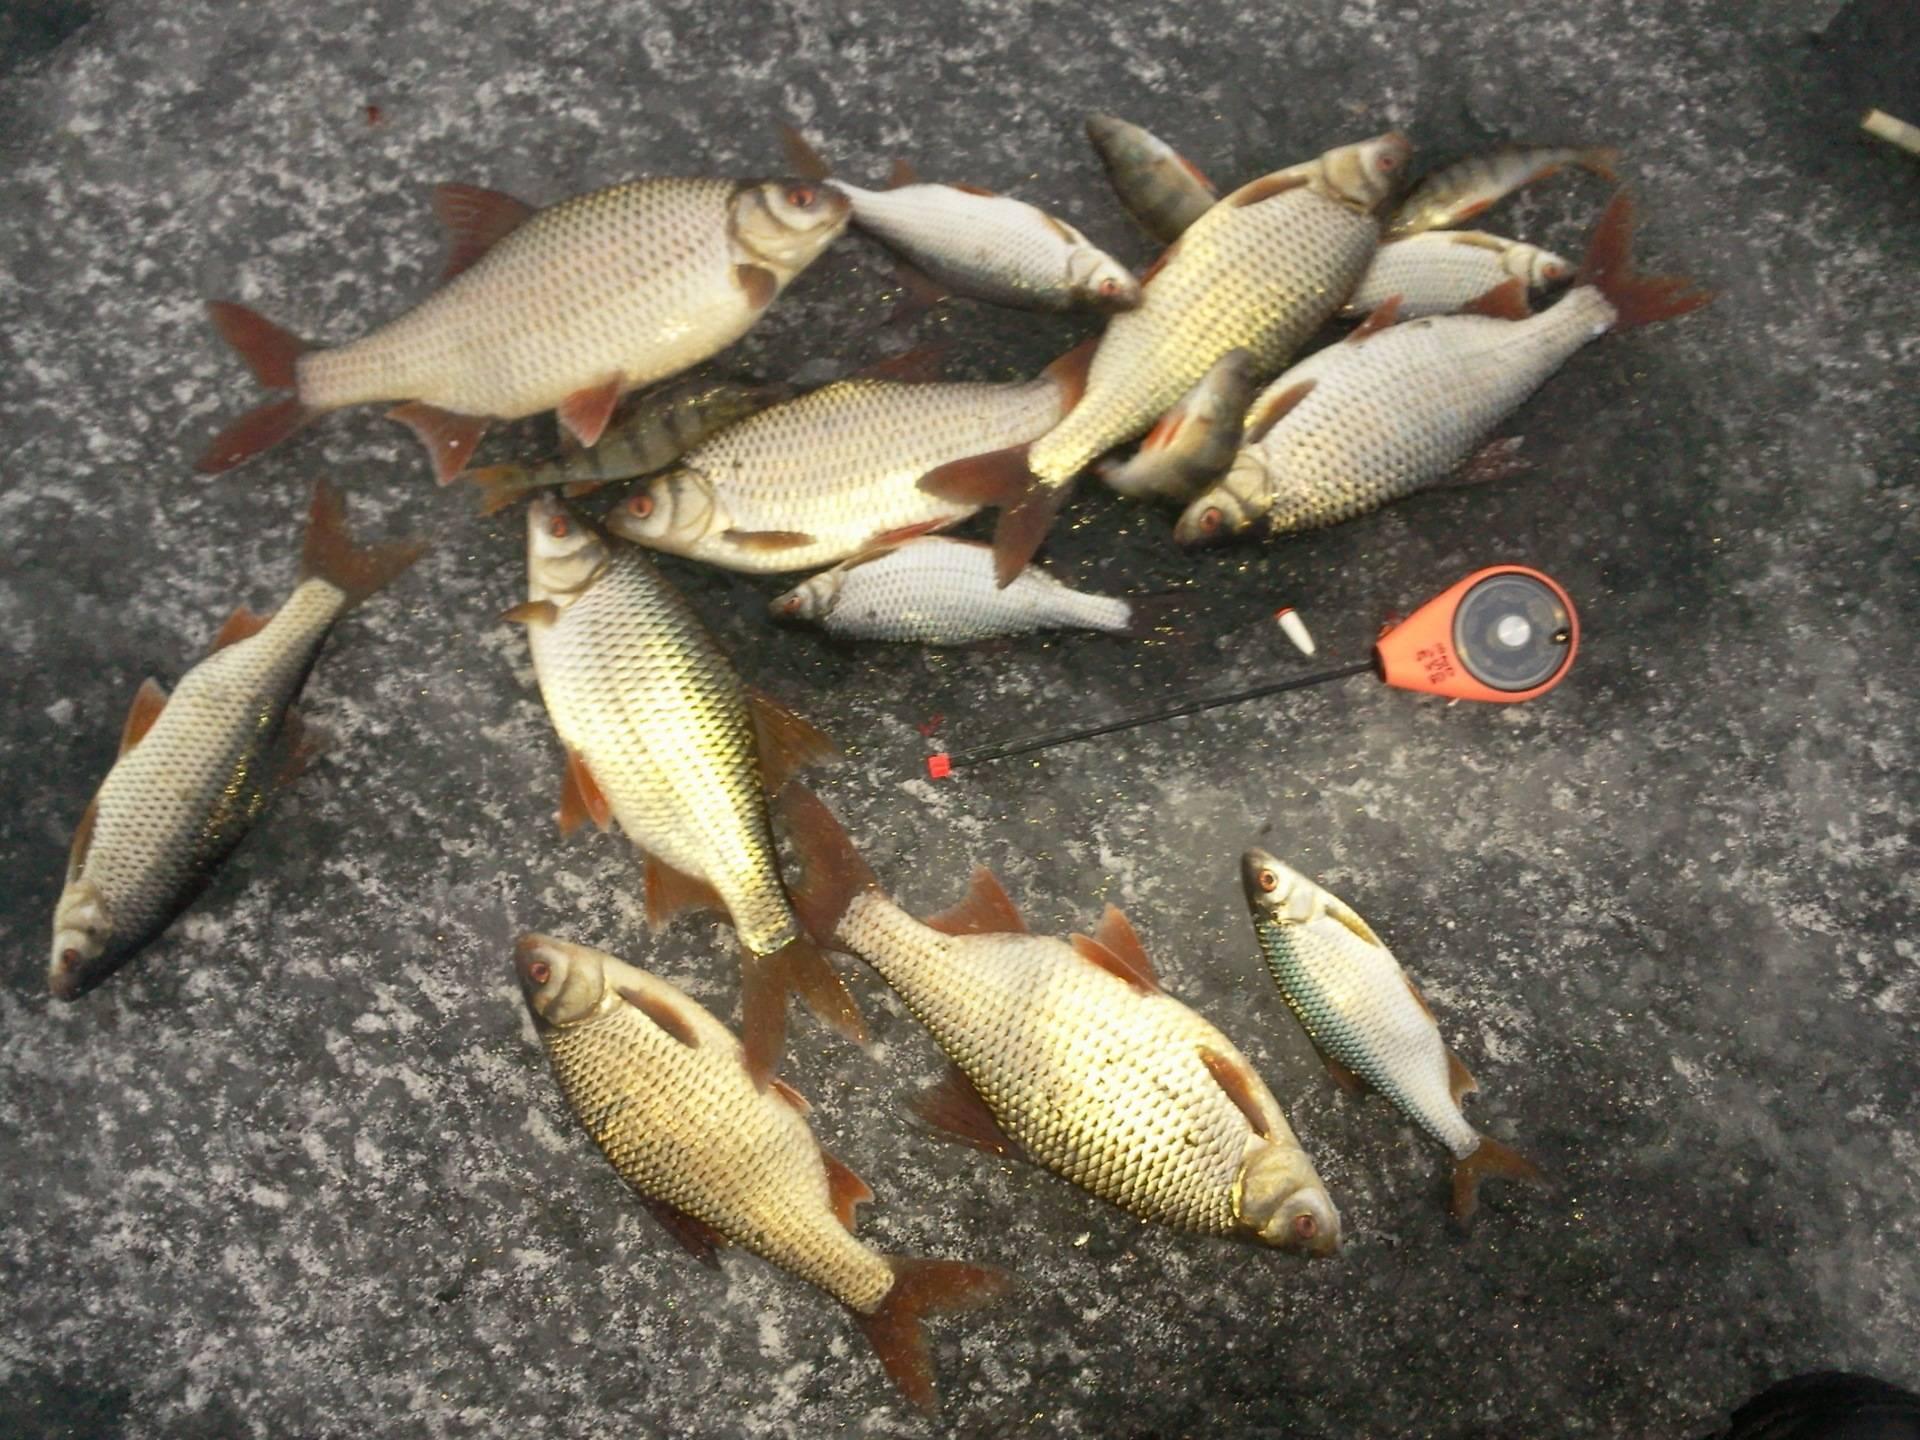 Места рыбалки — минское шоссе